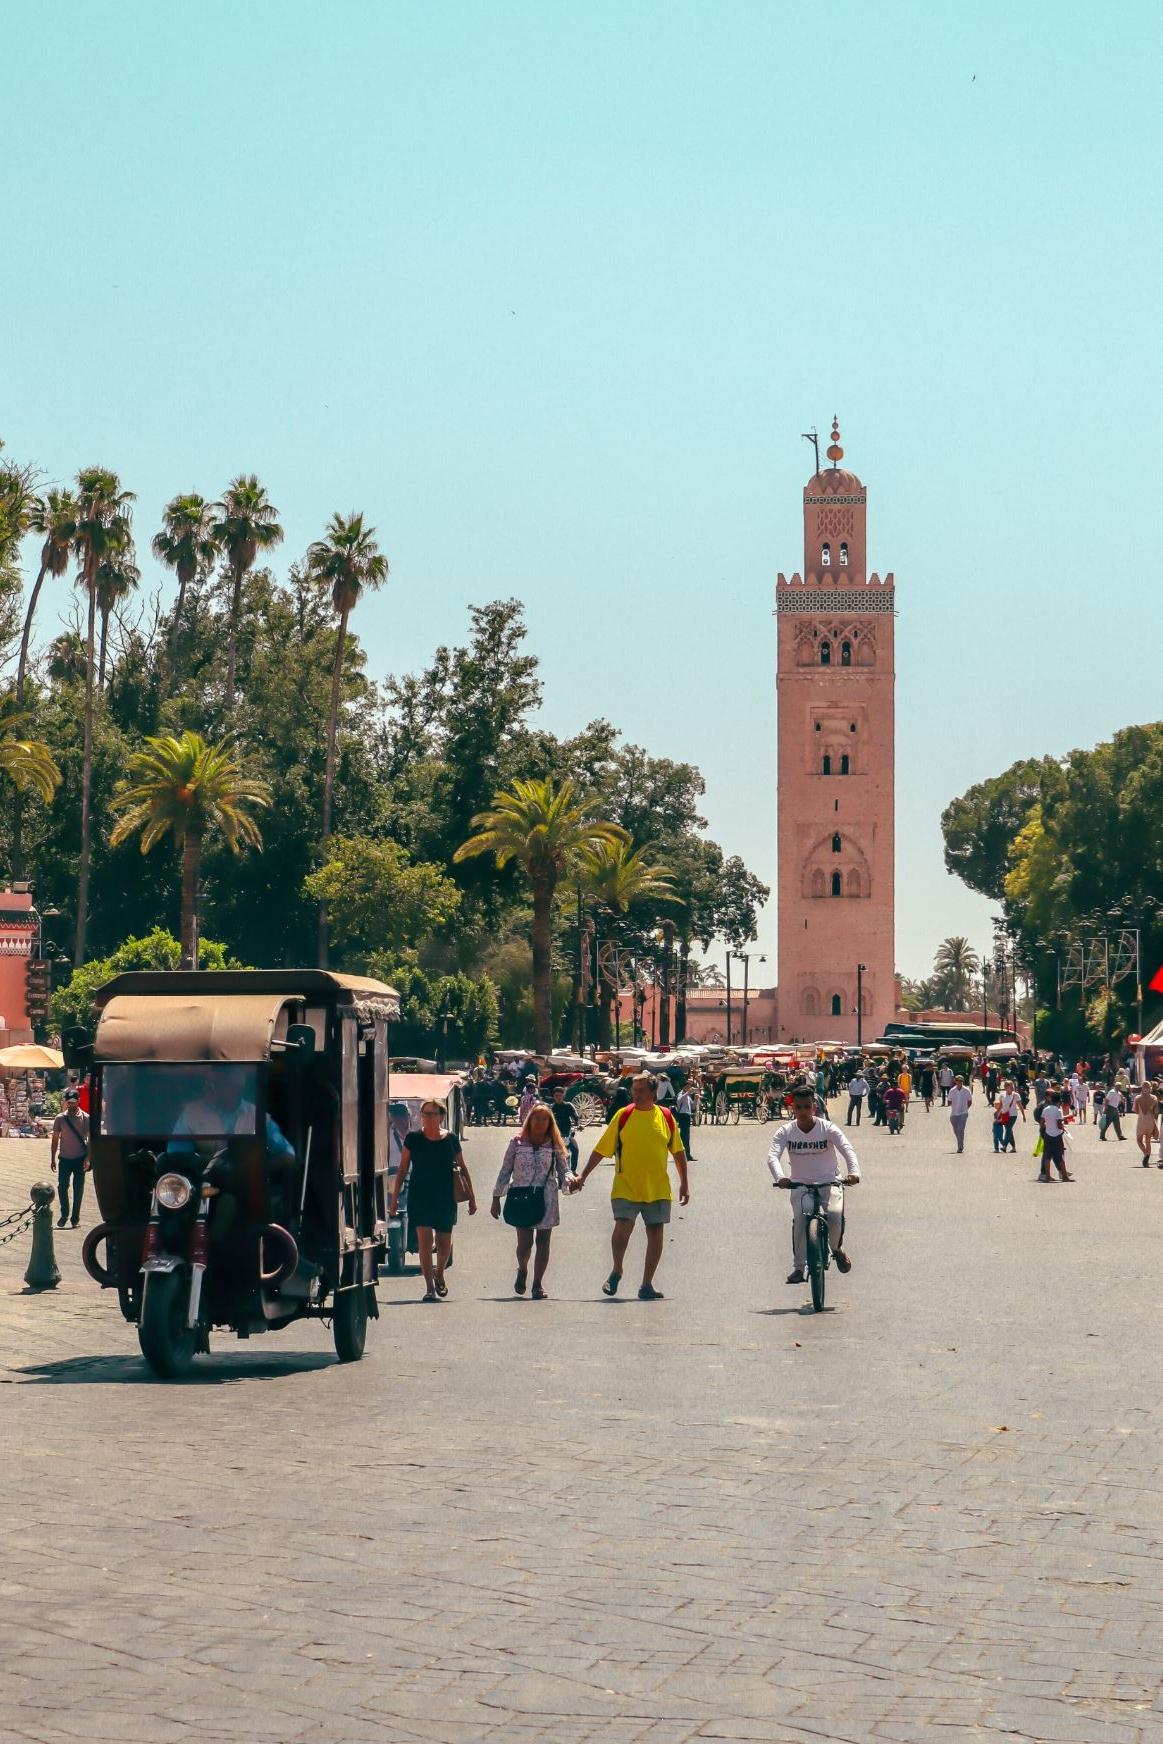 Intalnirea omului Marrakech. cunoștință fără înregistrare cu un bărbat